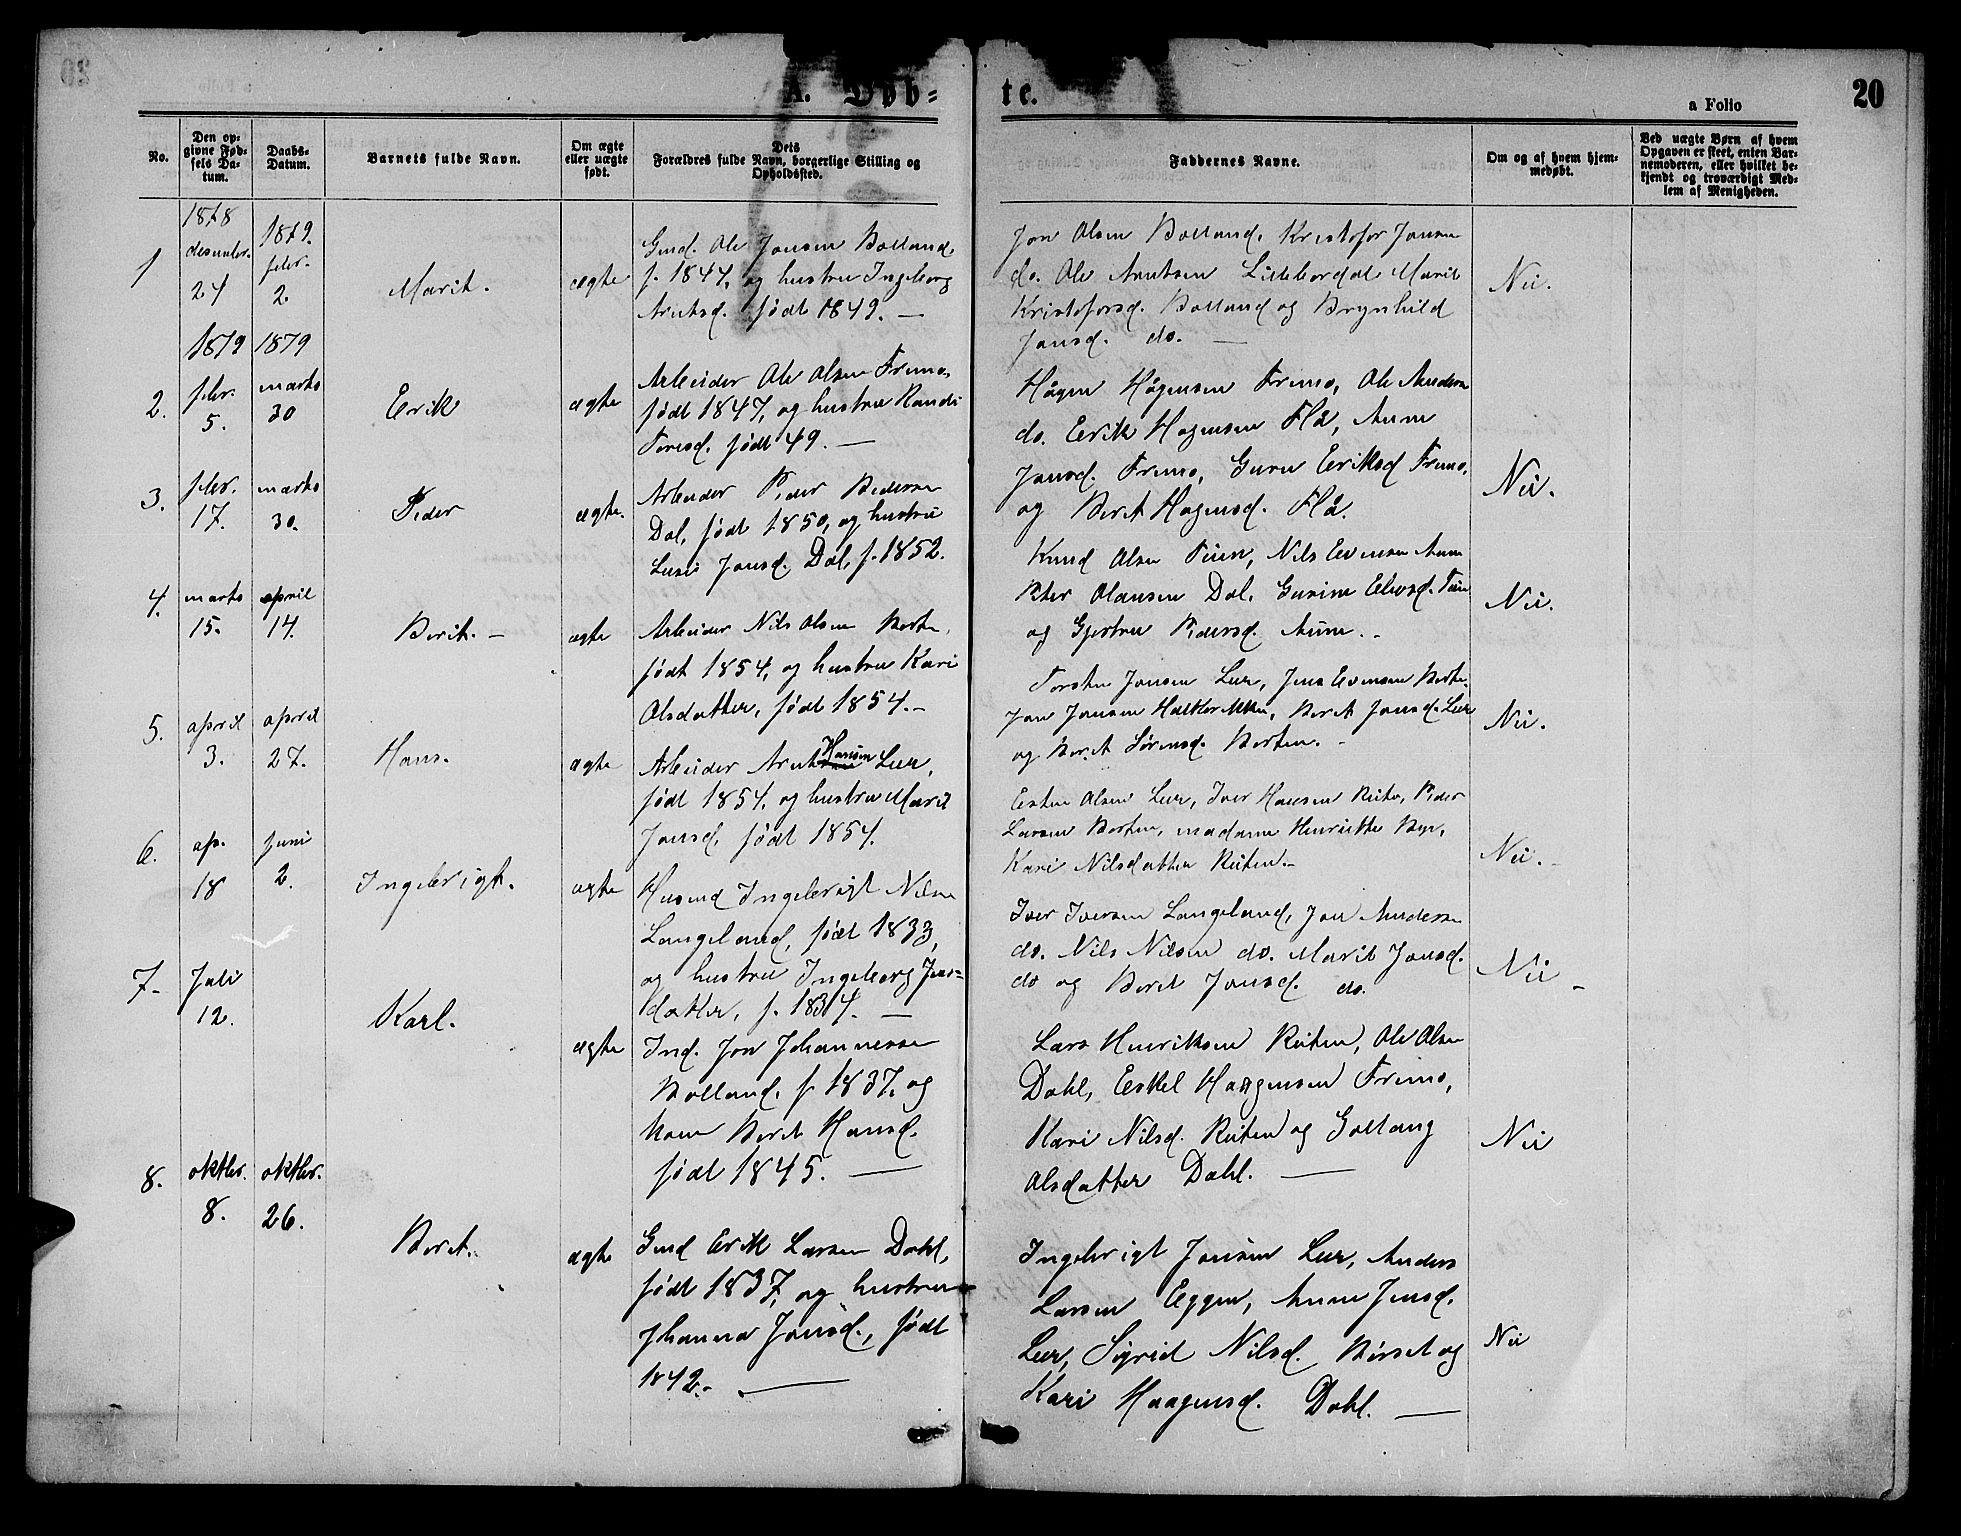 SAT, Ministerialprotokoller, klokkerbøker og fødselsregistre - Sør-Trøndelag, 693/L1122: Klokkerbok nr. 693C03, 1870-1886, s. 20